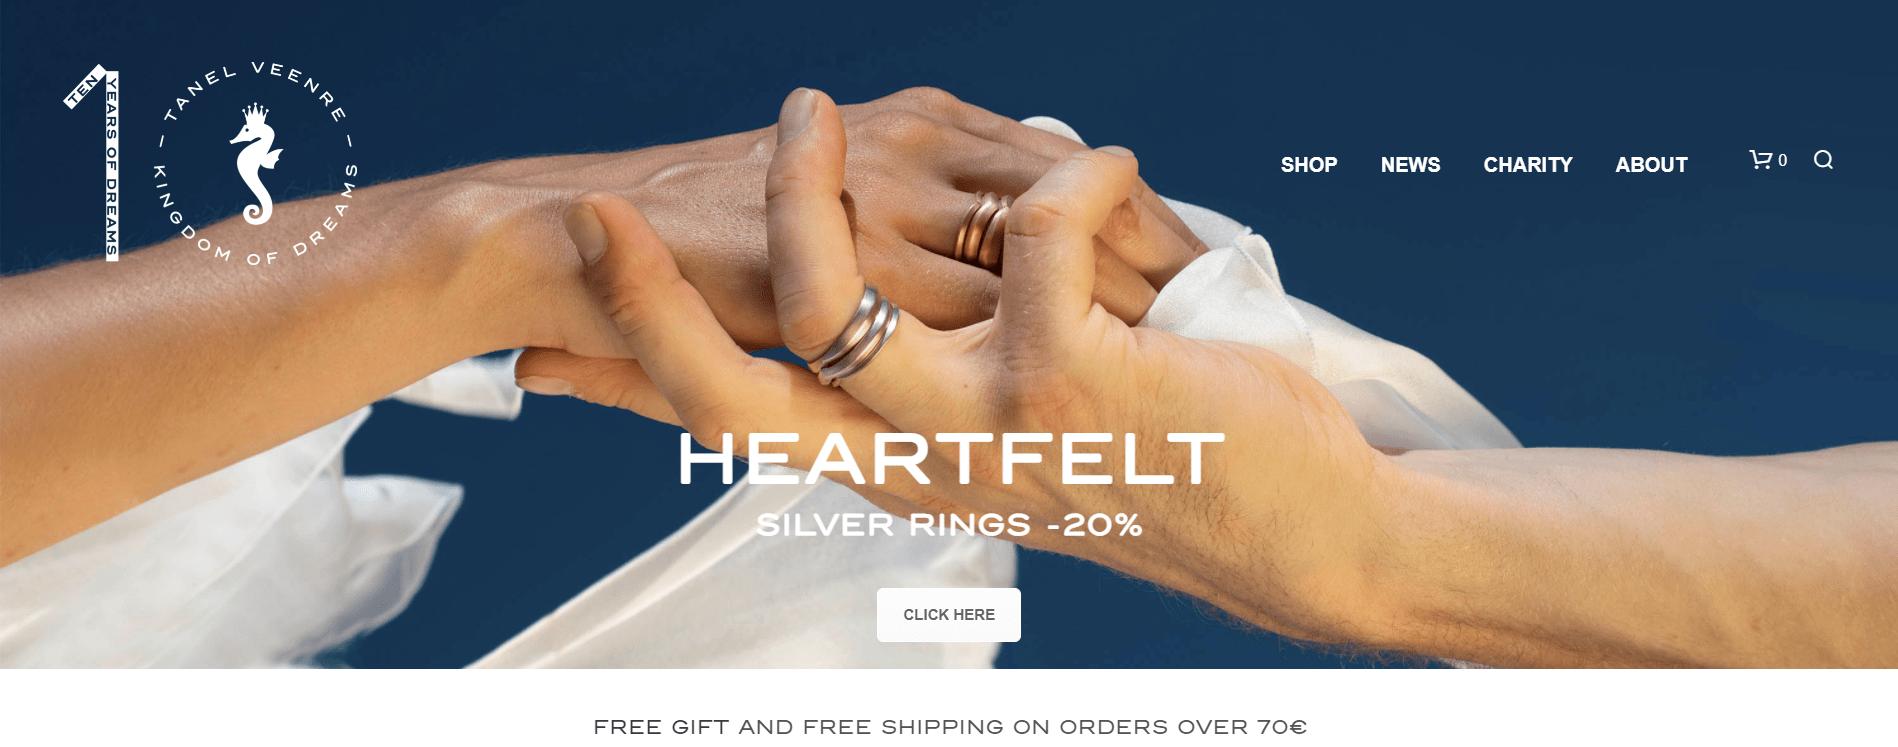 Marketing para San Valentín con anillos Heartfelt.